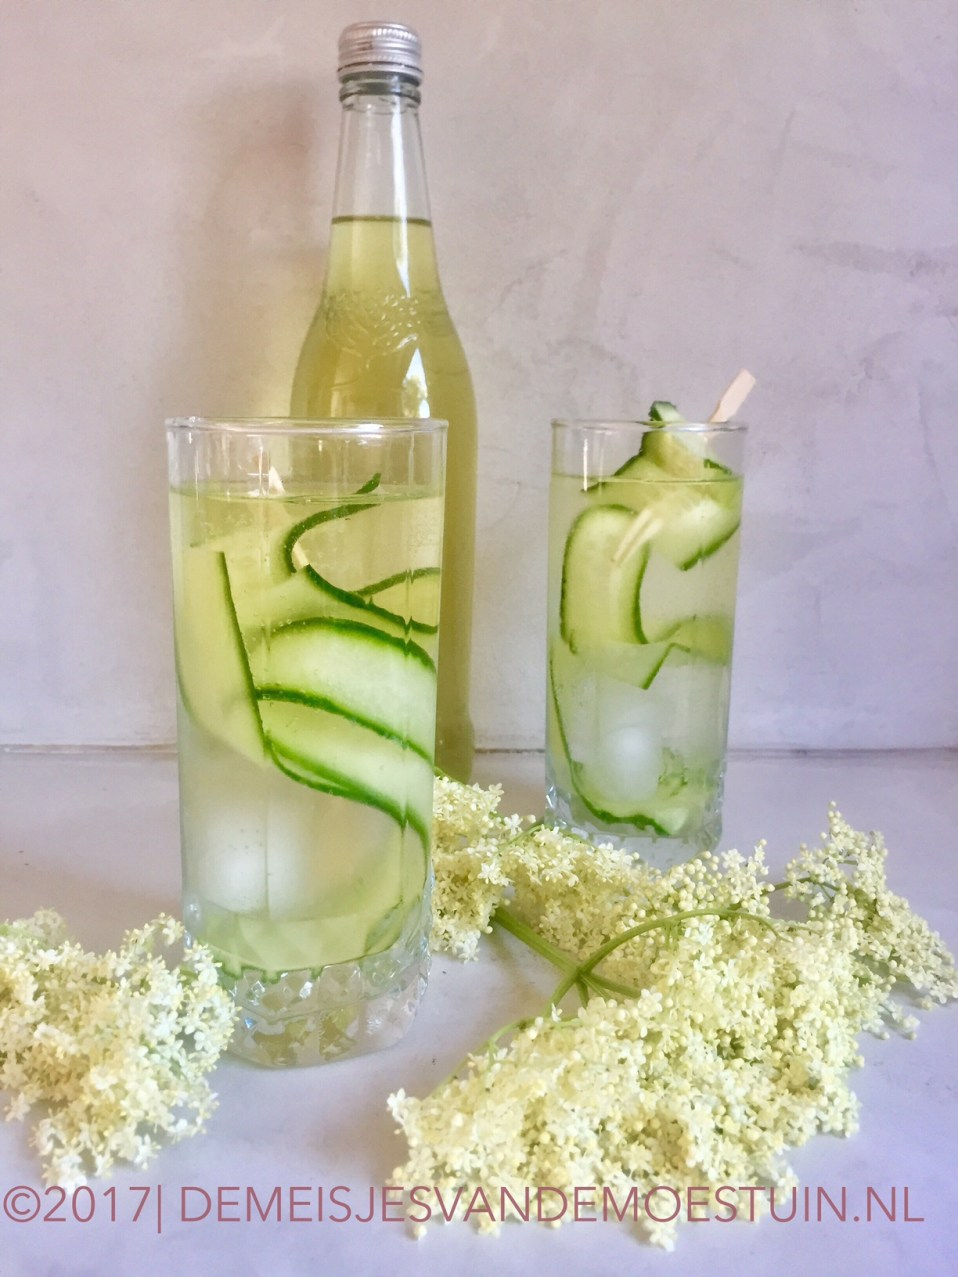 vlierbloesem infused gin